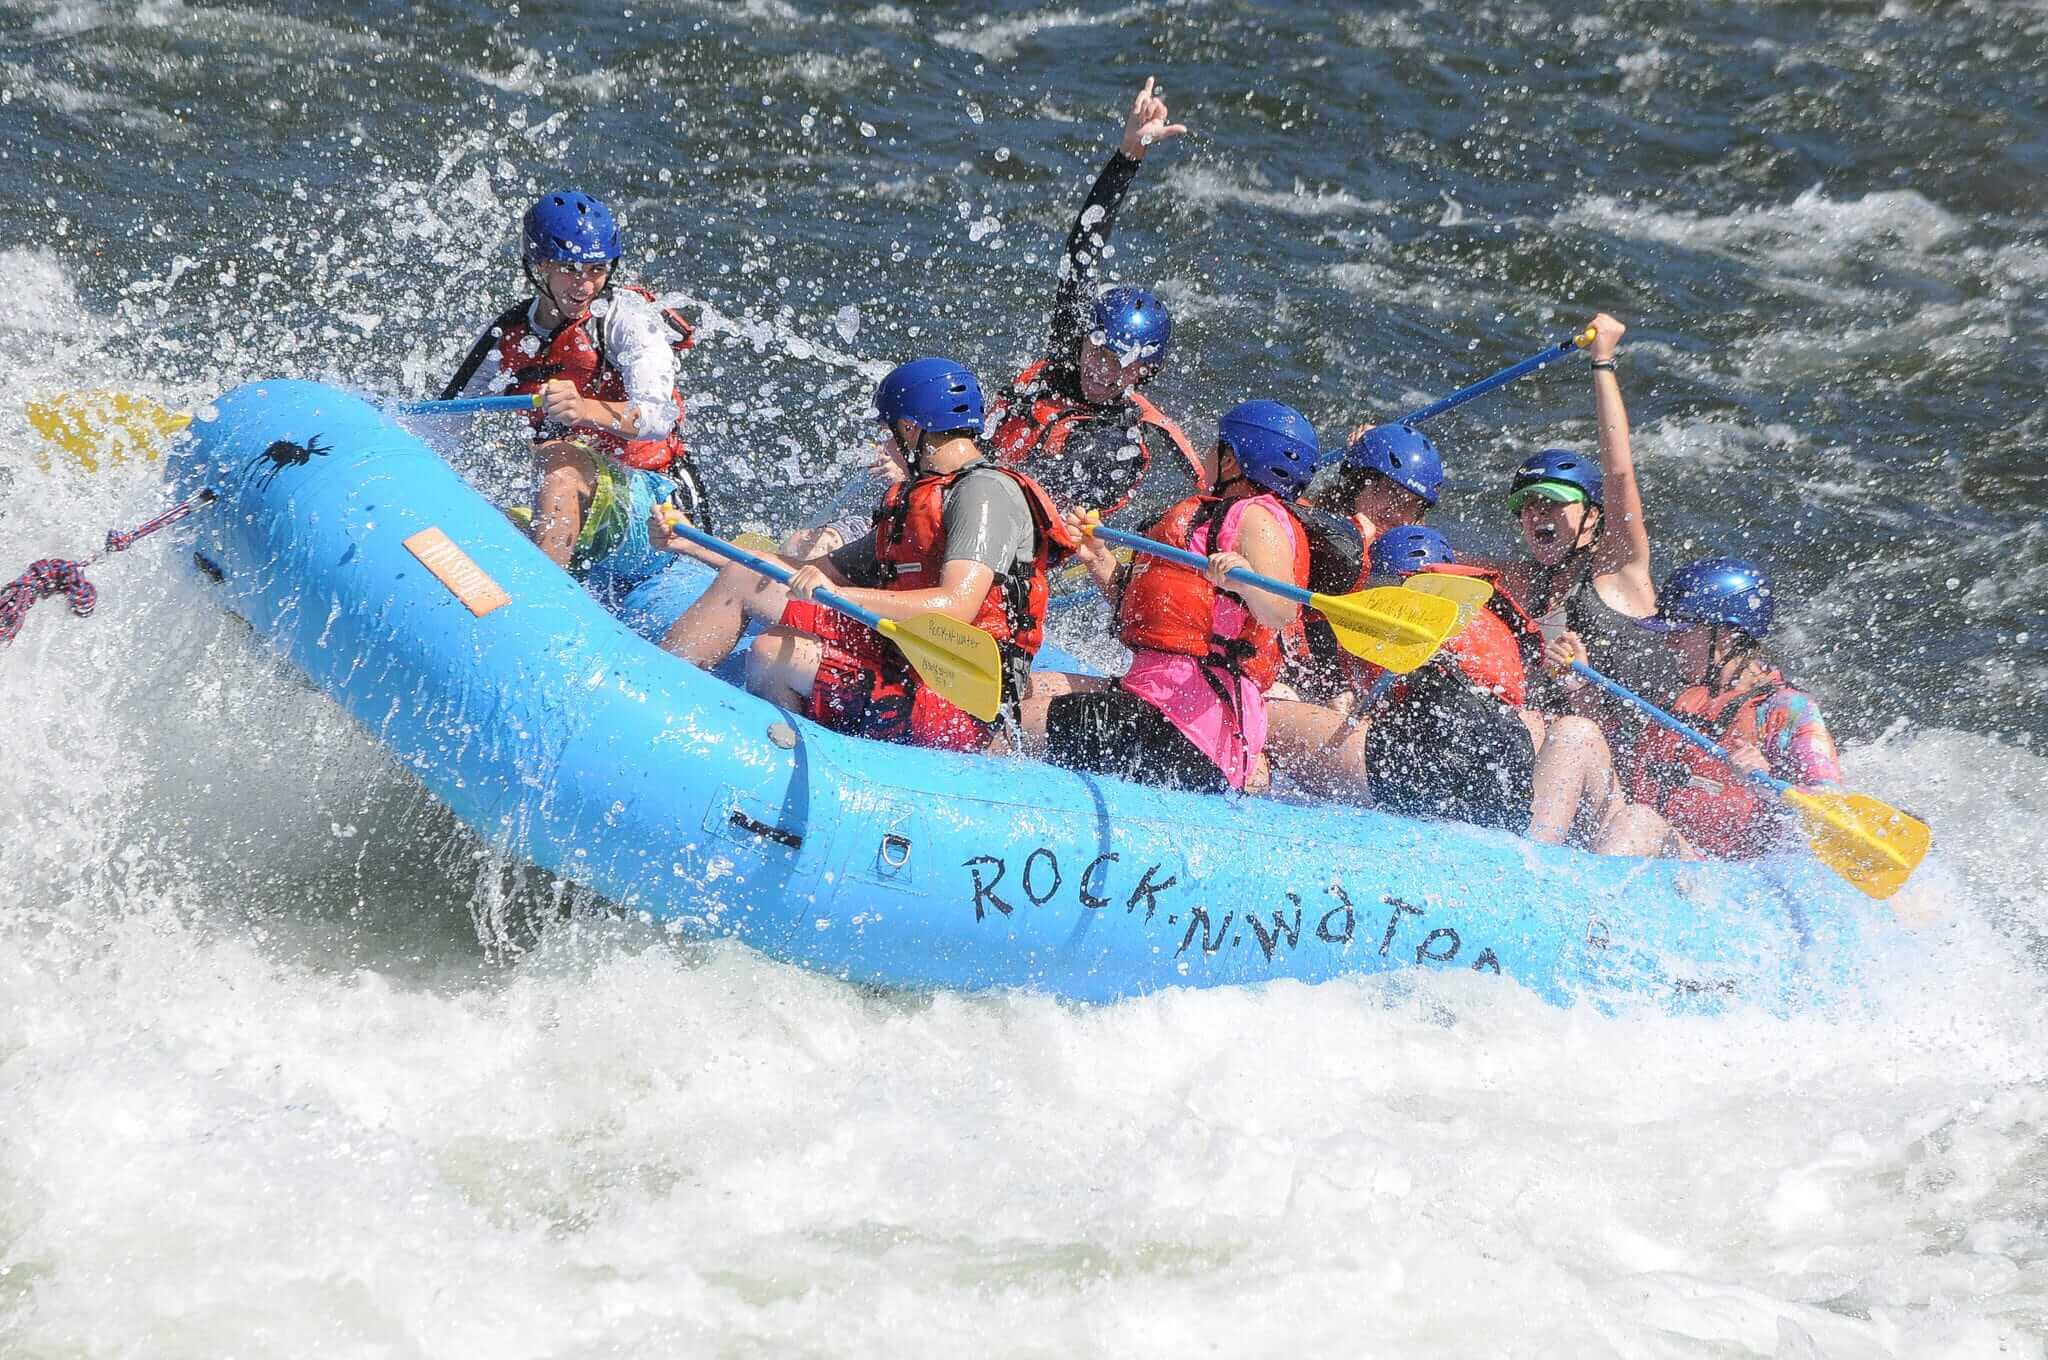 white-water-rafting-side-rock-n-water